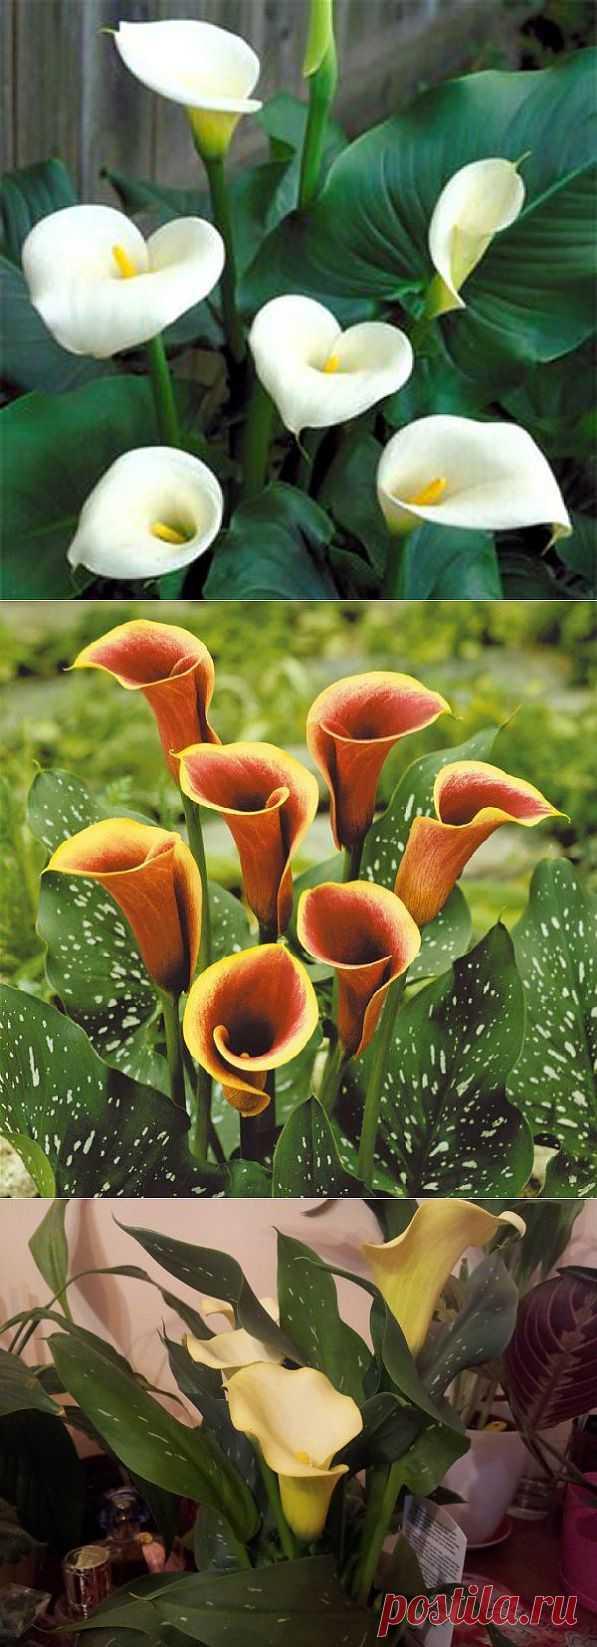 Комнатный цветок калла - так ли все просто в уходе за ним?